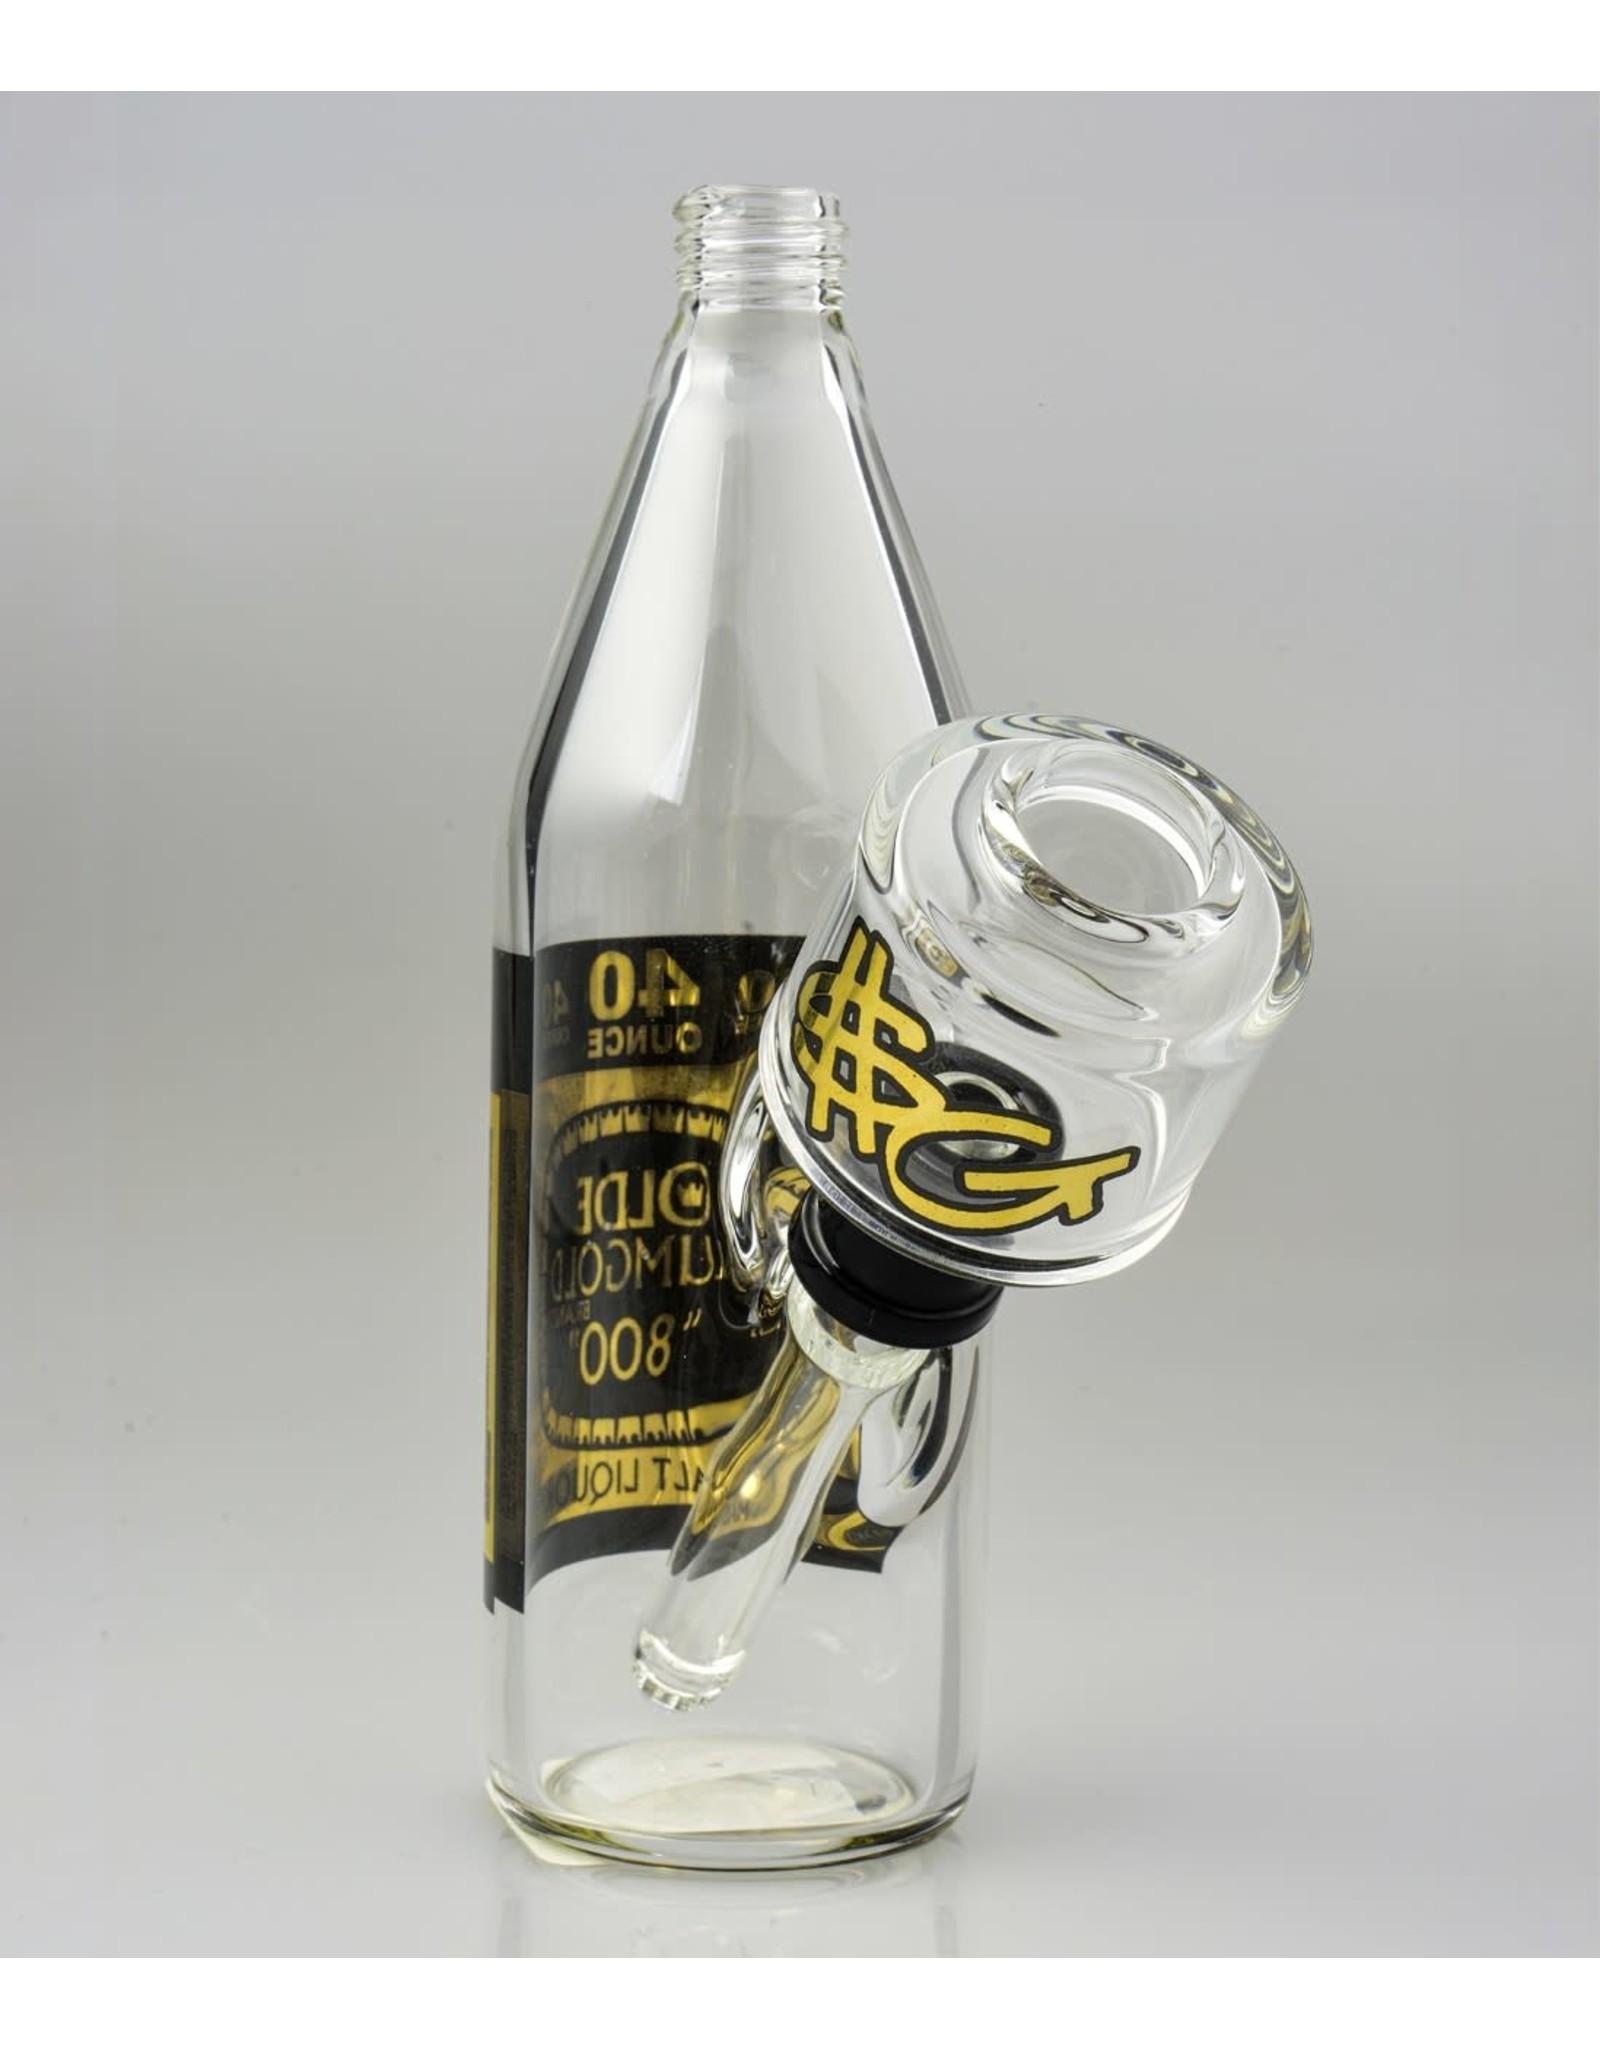 slumgold Olde Slumgold 800 40 ounce bottle 10mm male